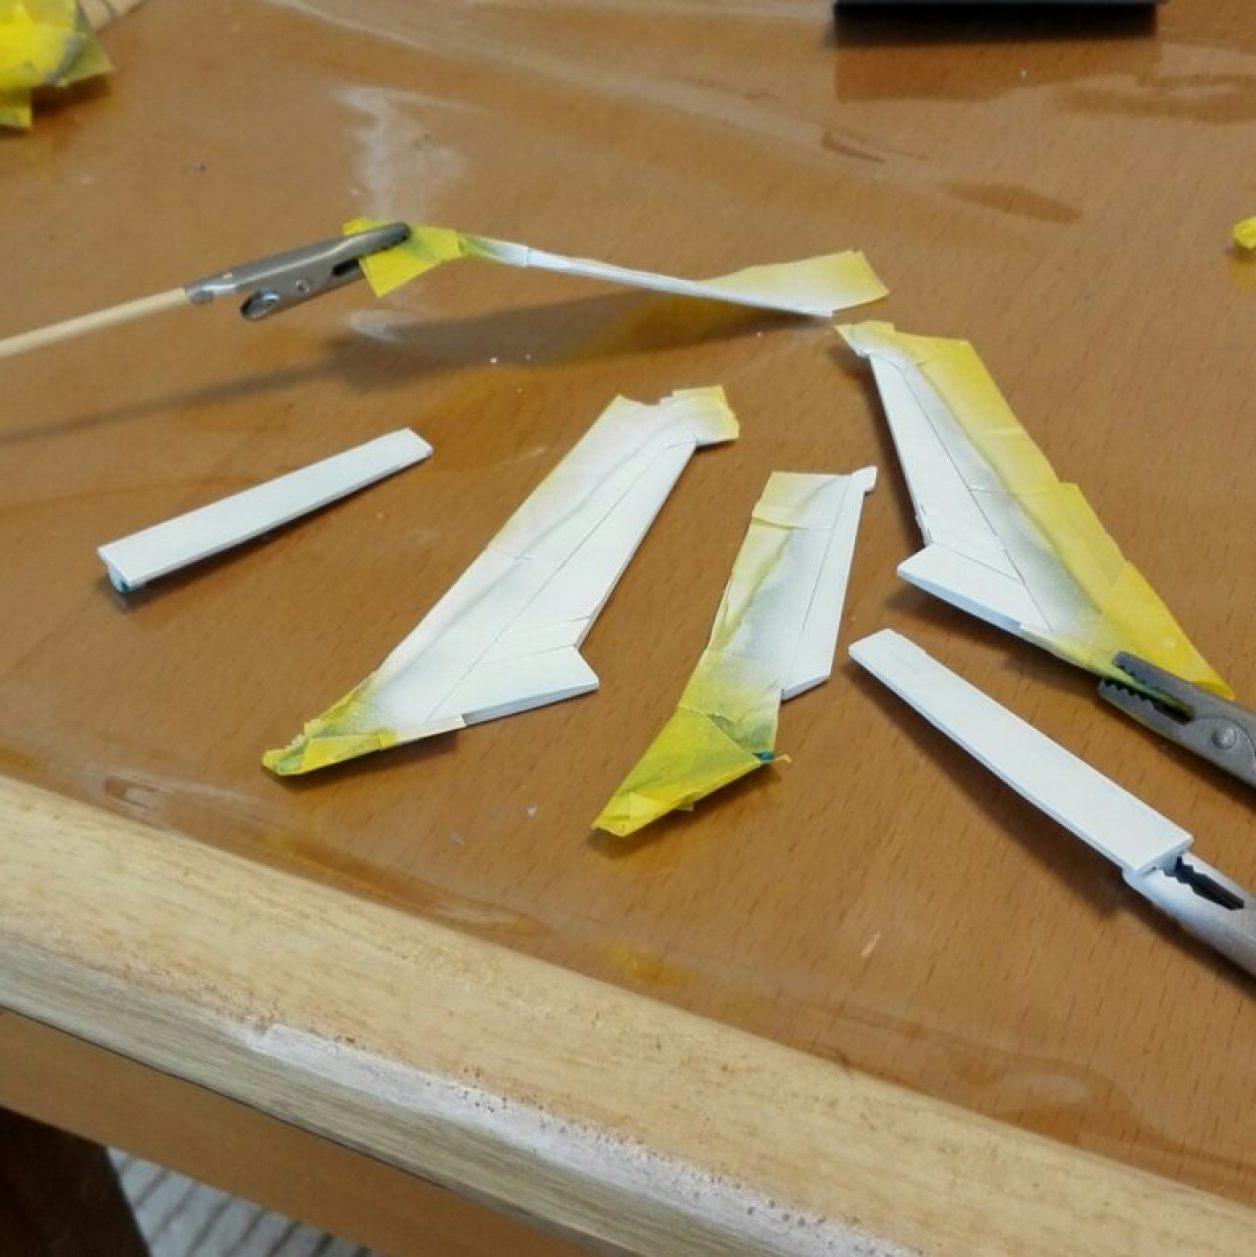 フルドドの拡張パーツであるHGUCギャプランのギャプラン・ブースターのスラスターをガンダムマーカーエアブラシで塗装した画像